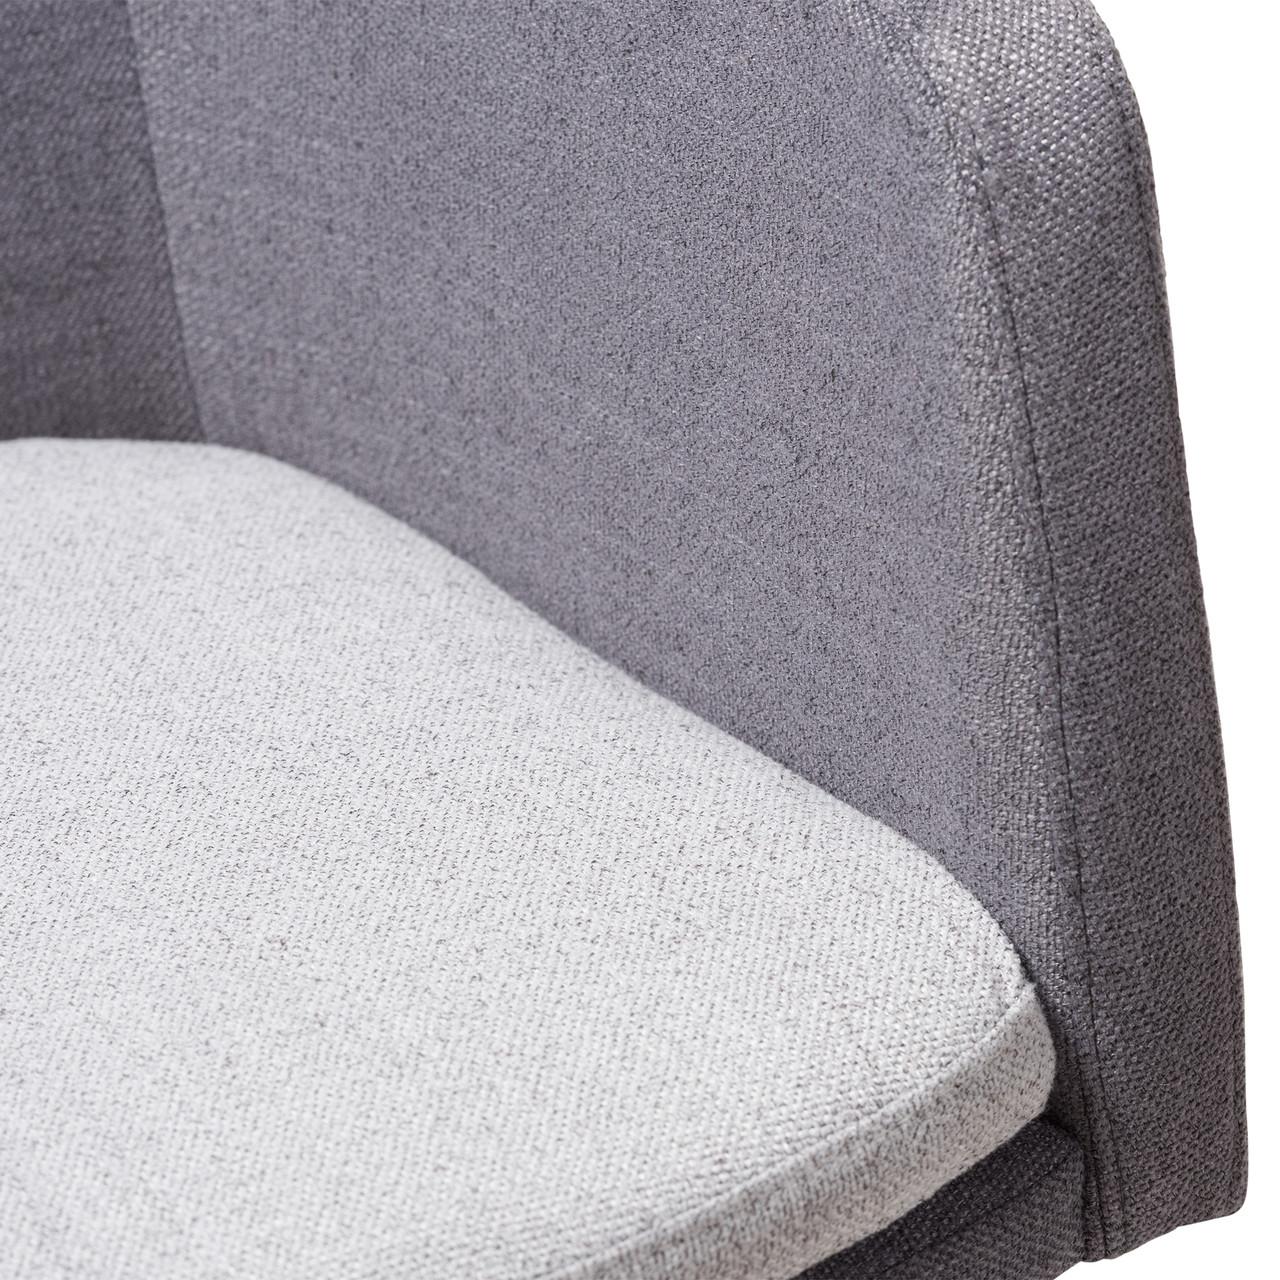 Baxton Studio Vera Mid Century Modern 3 Piece Lounge Chair